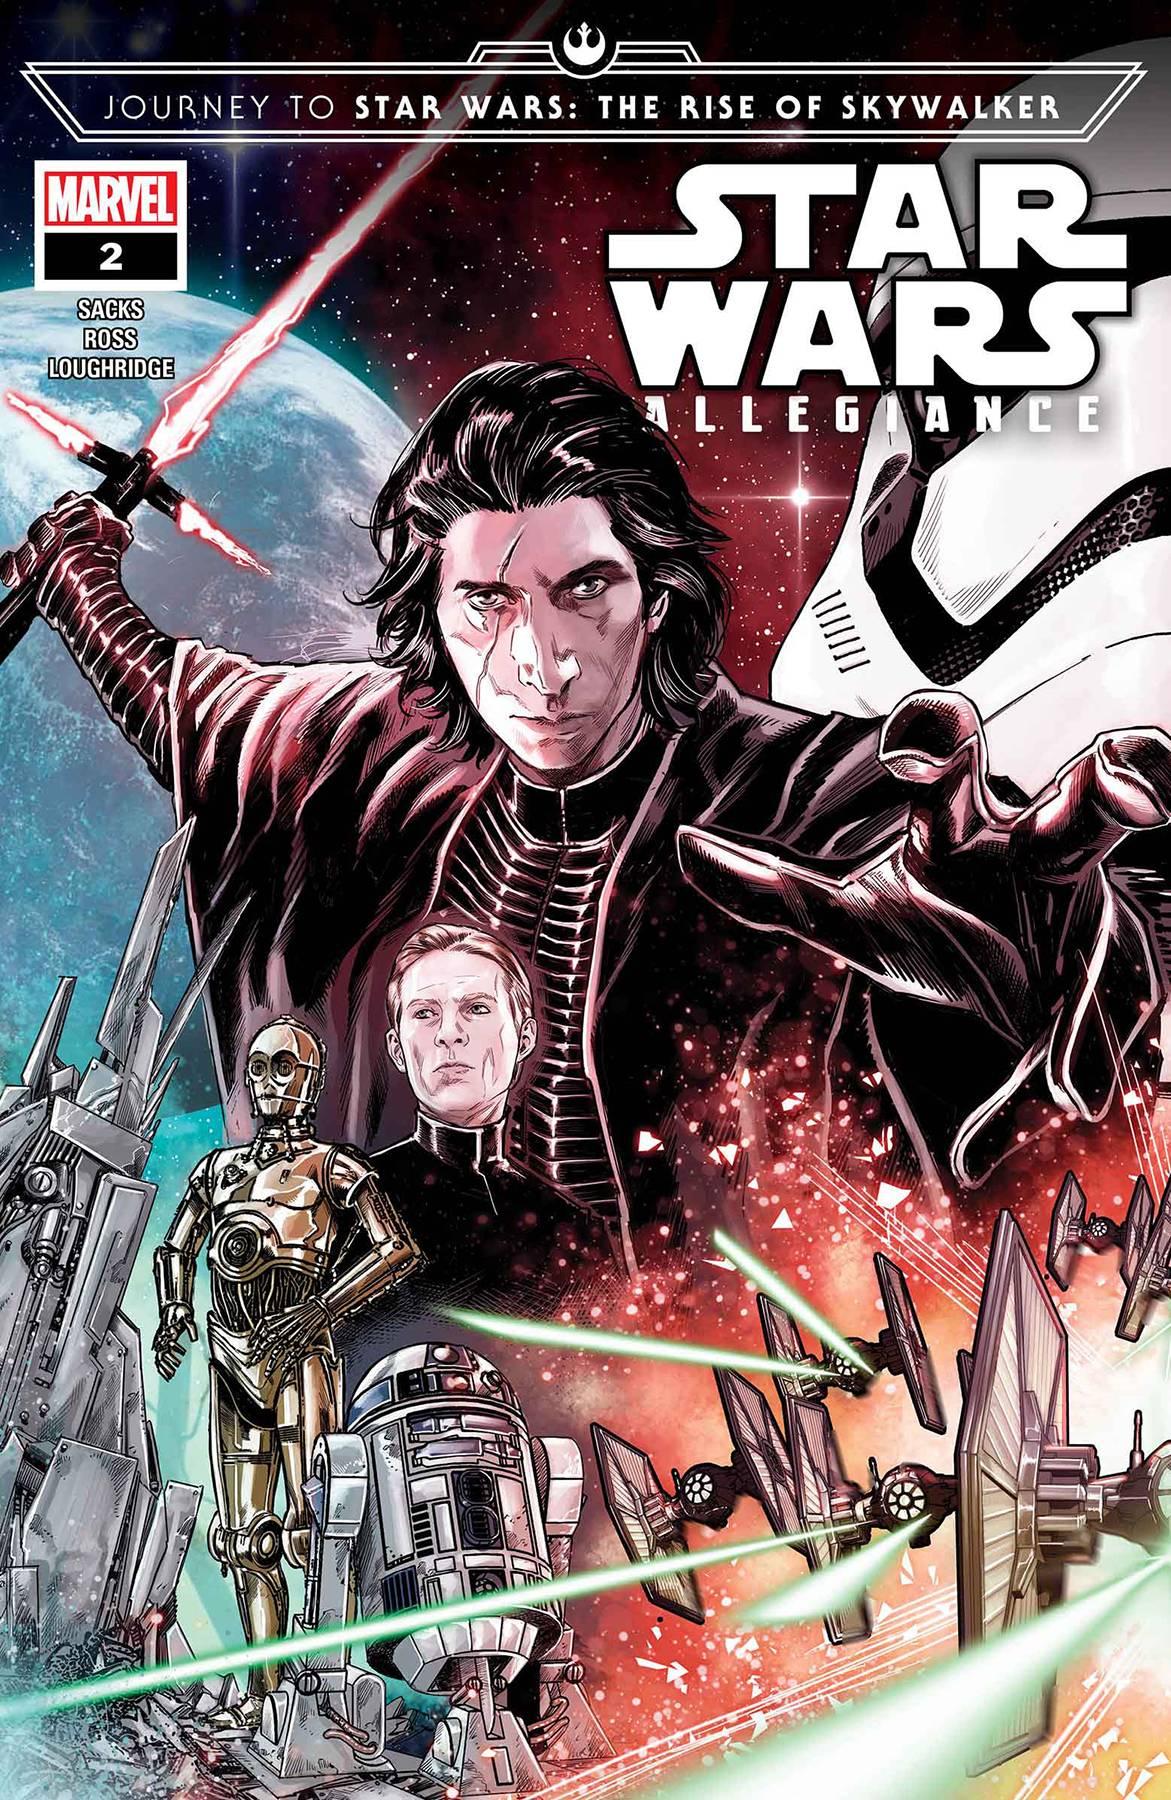 Journey Star Wars: The Rise Skywalker - Allegiance #2 (2019)